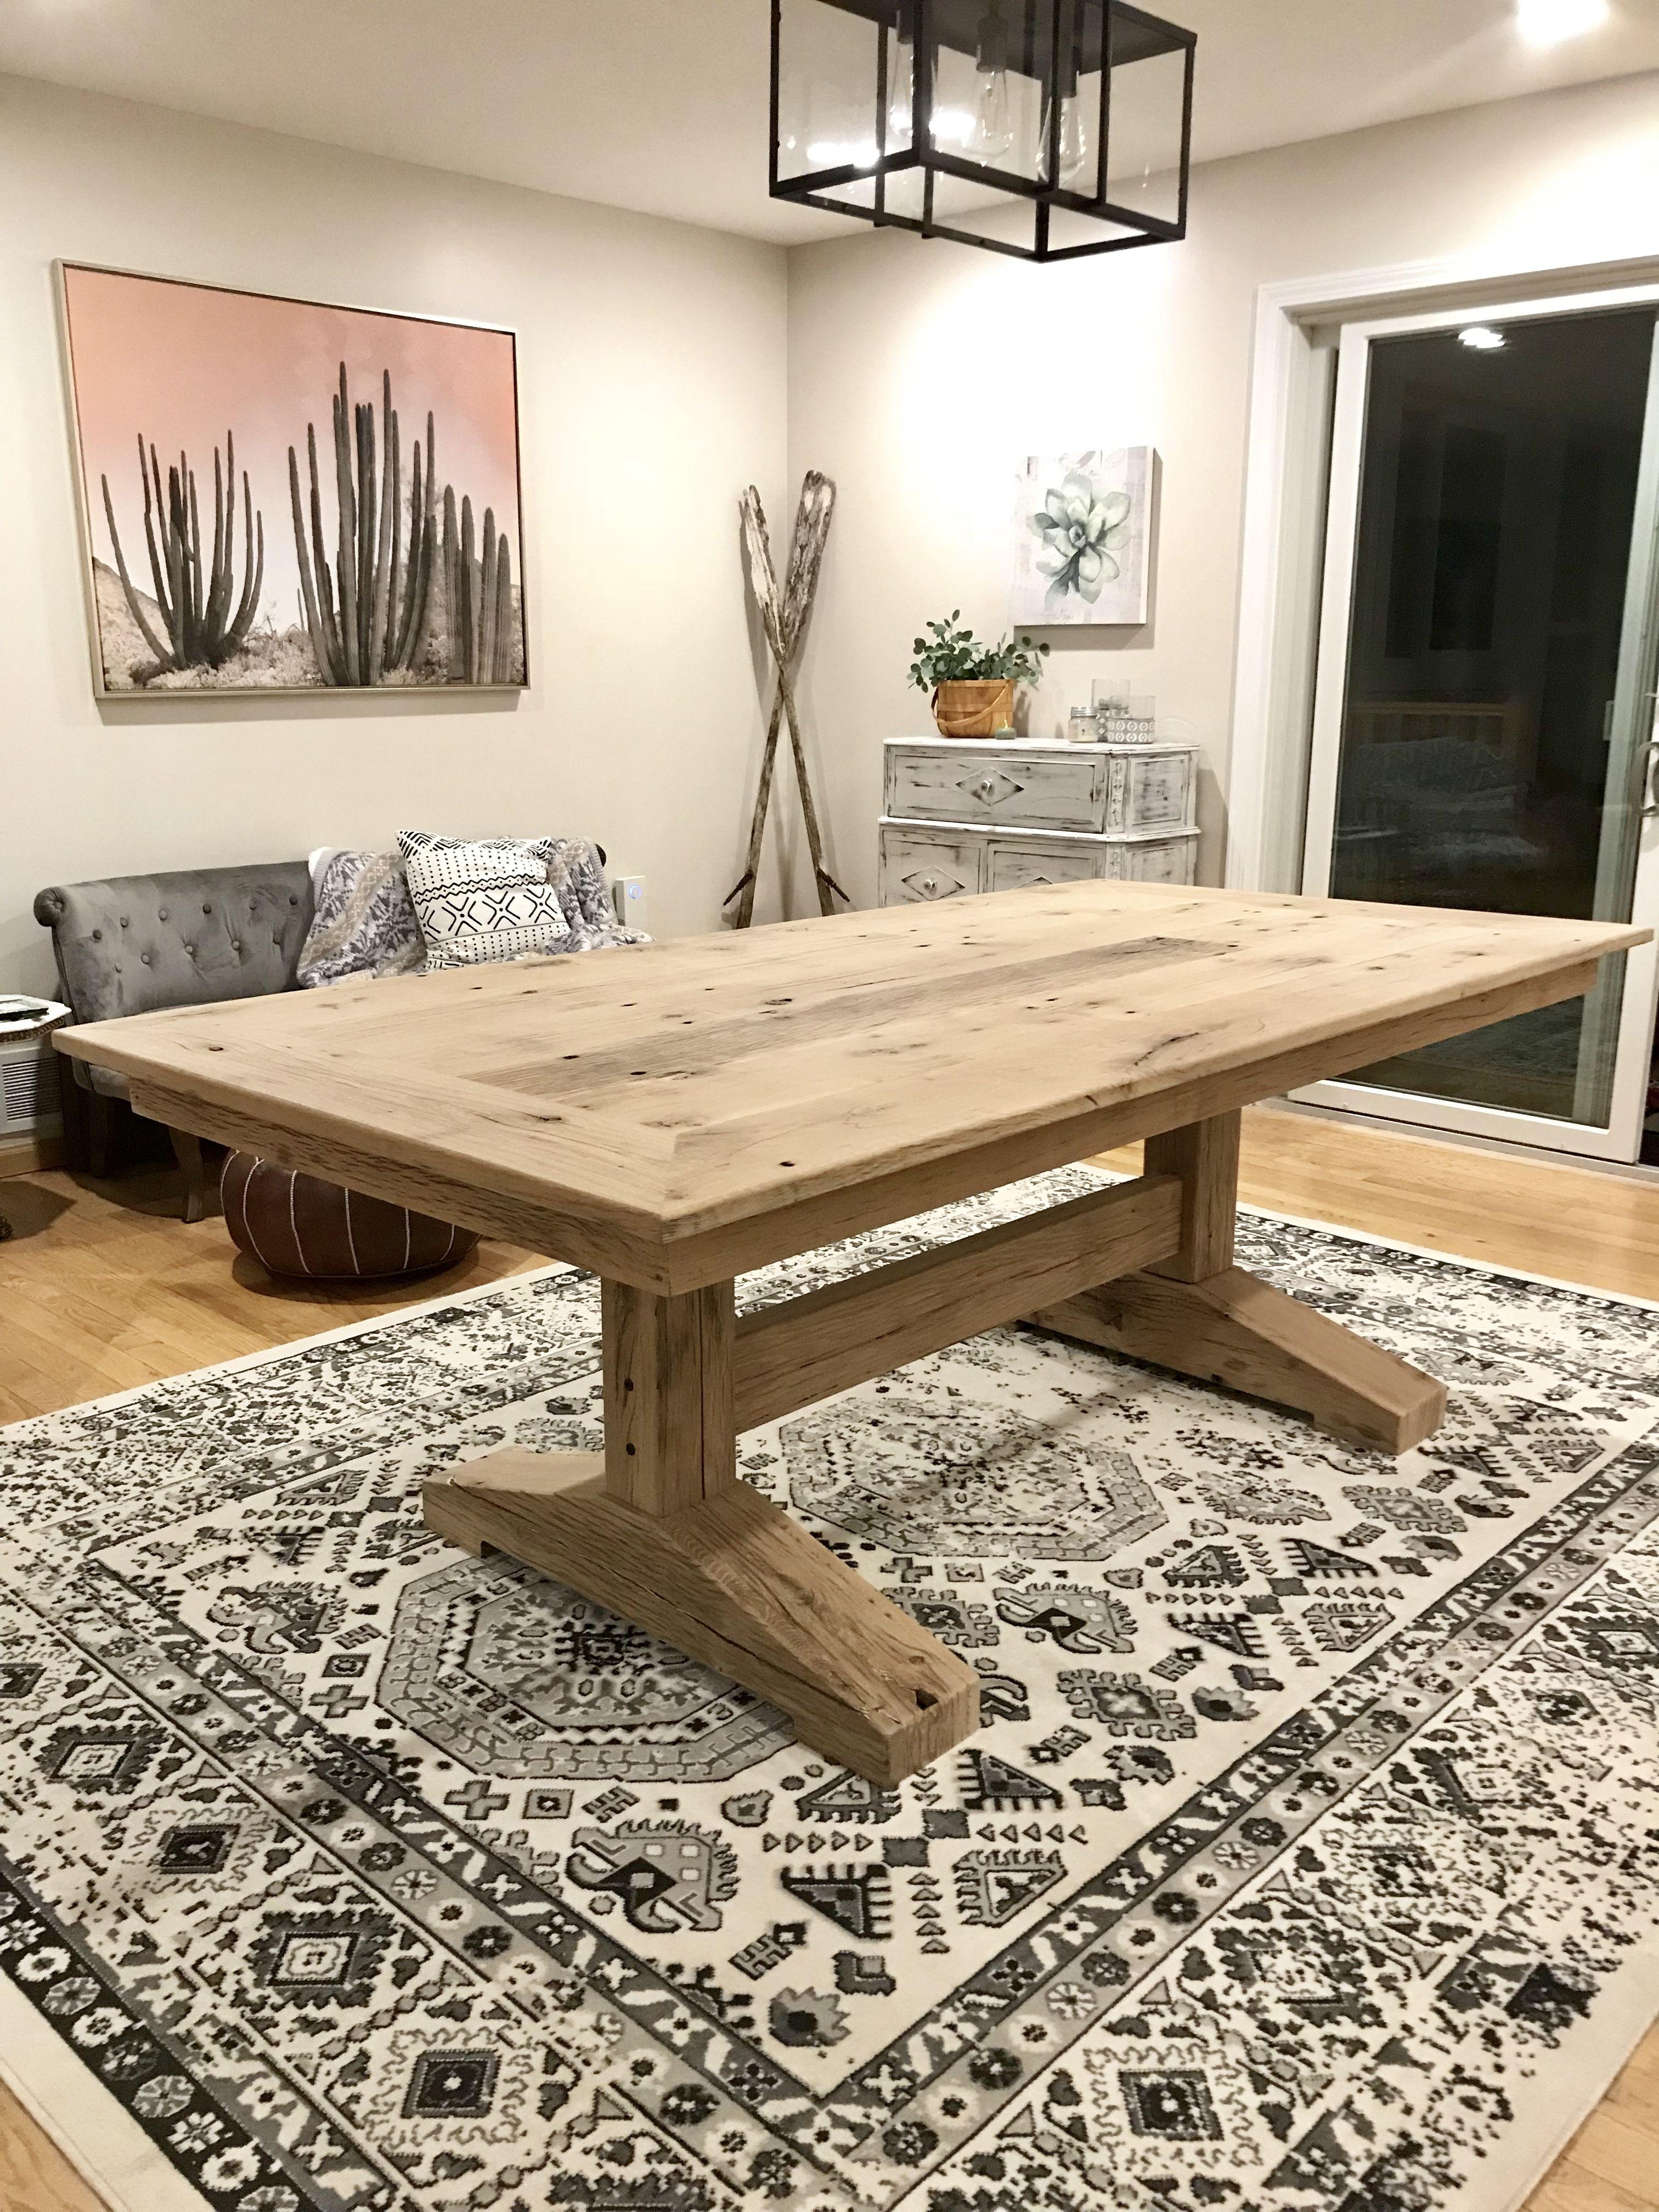 Reclaimed trailer boards for a rustic oak trestle table in